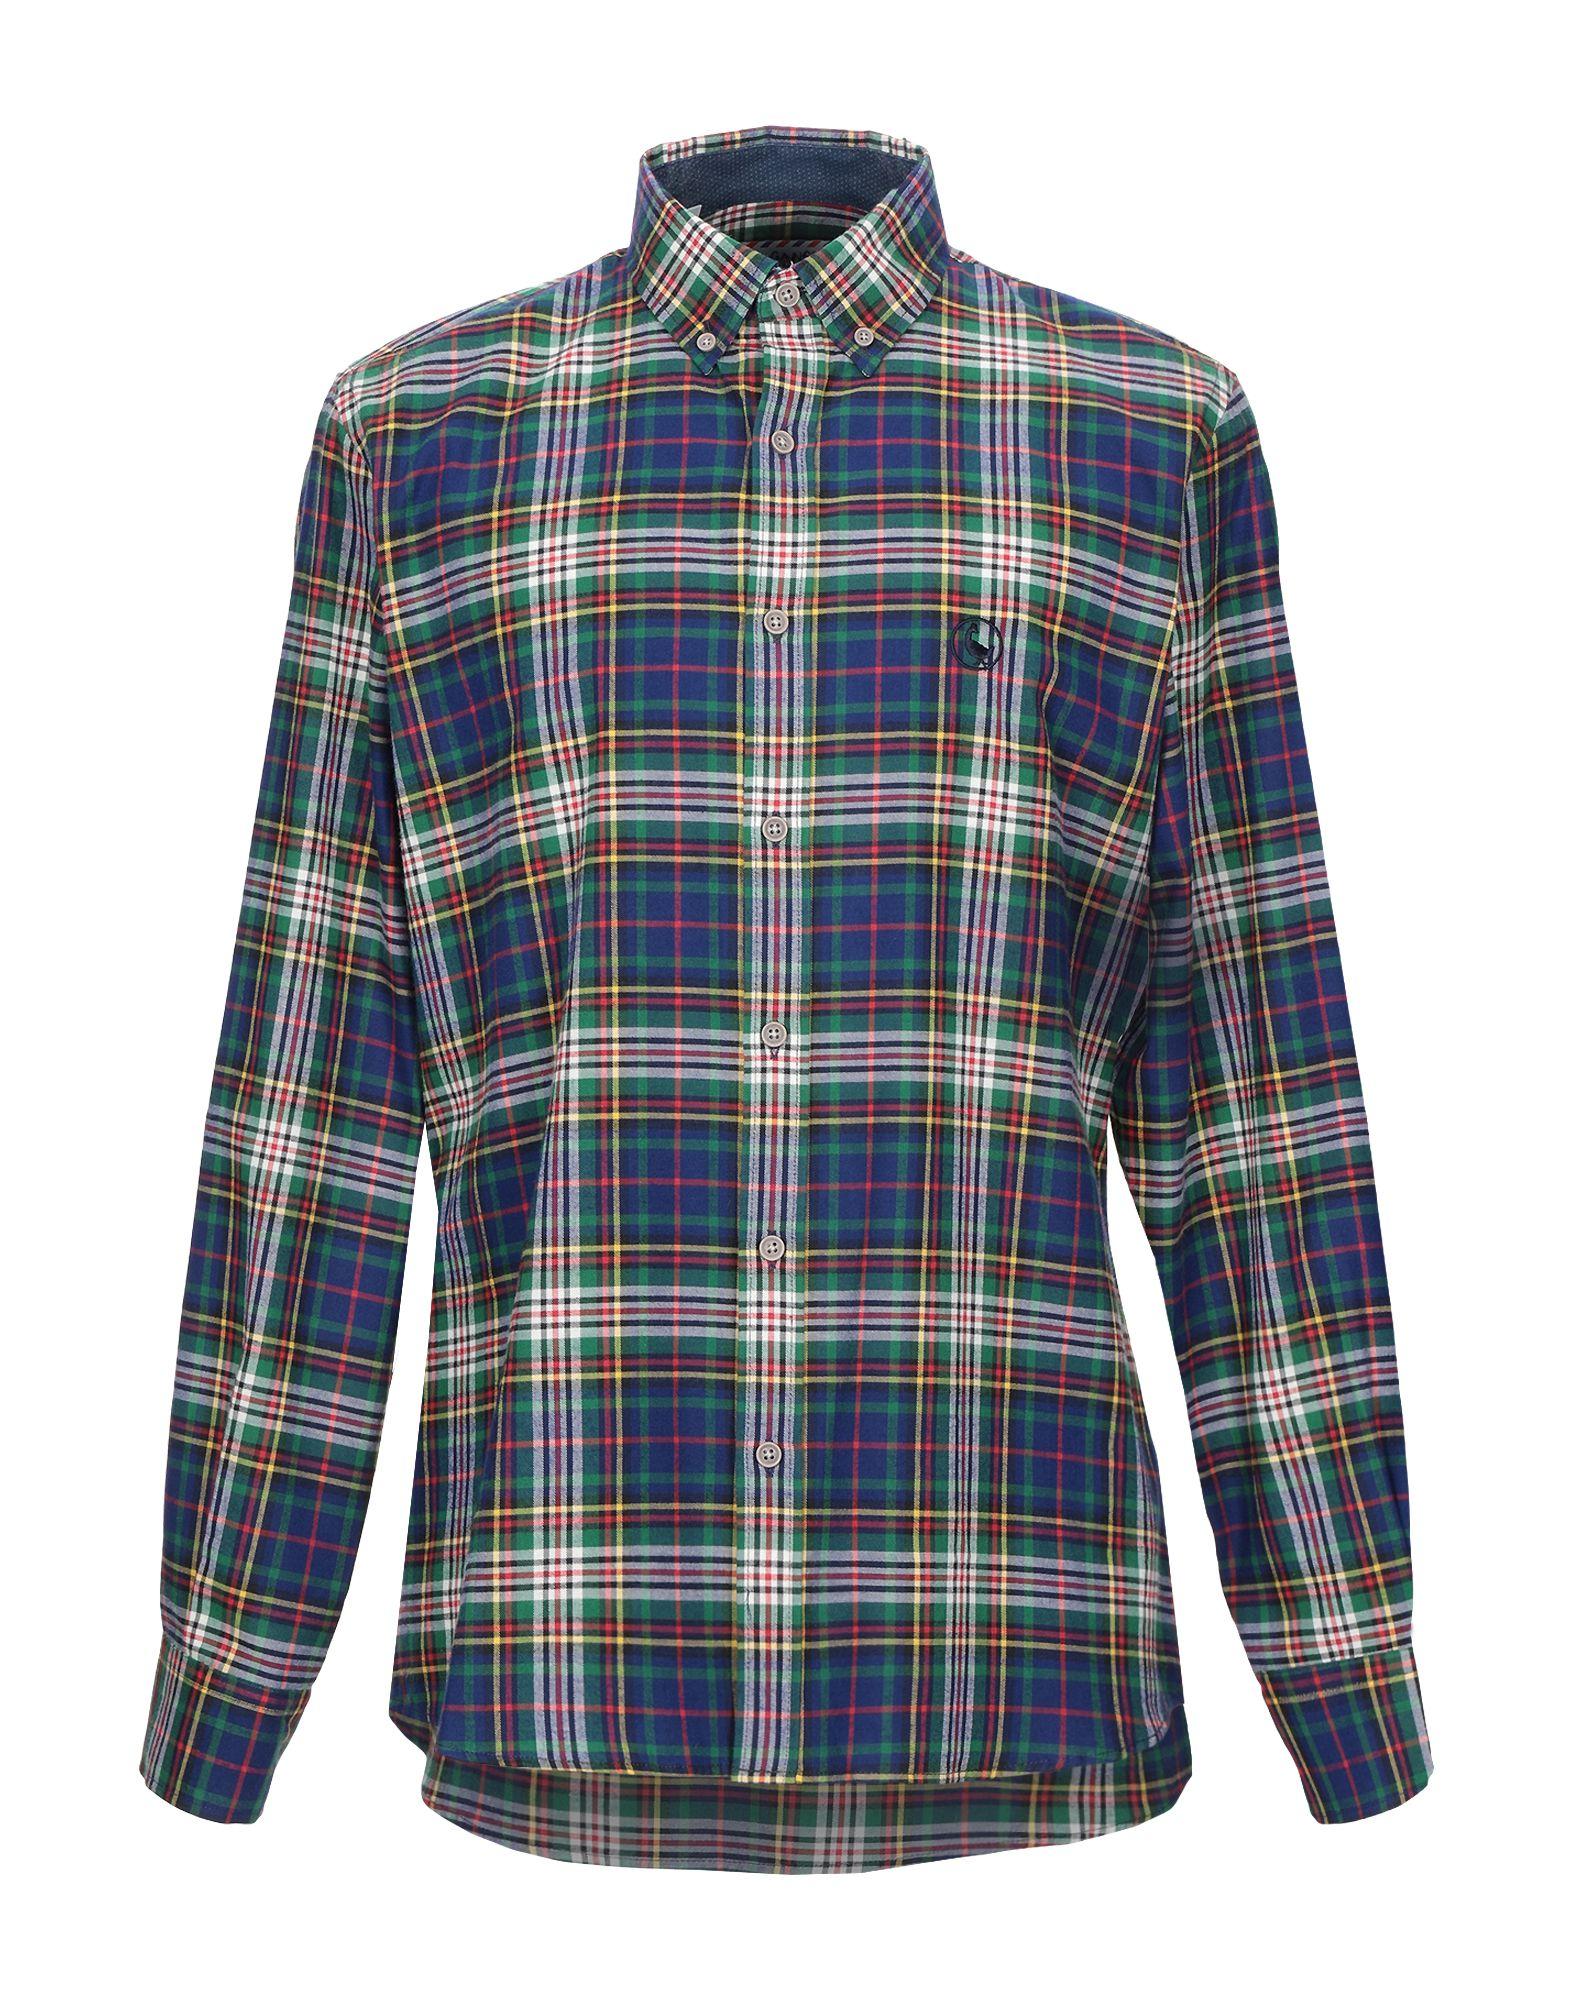 《期間限定セール中》EL GANSO メンズ シャツ グリーン 37 コットン 100%